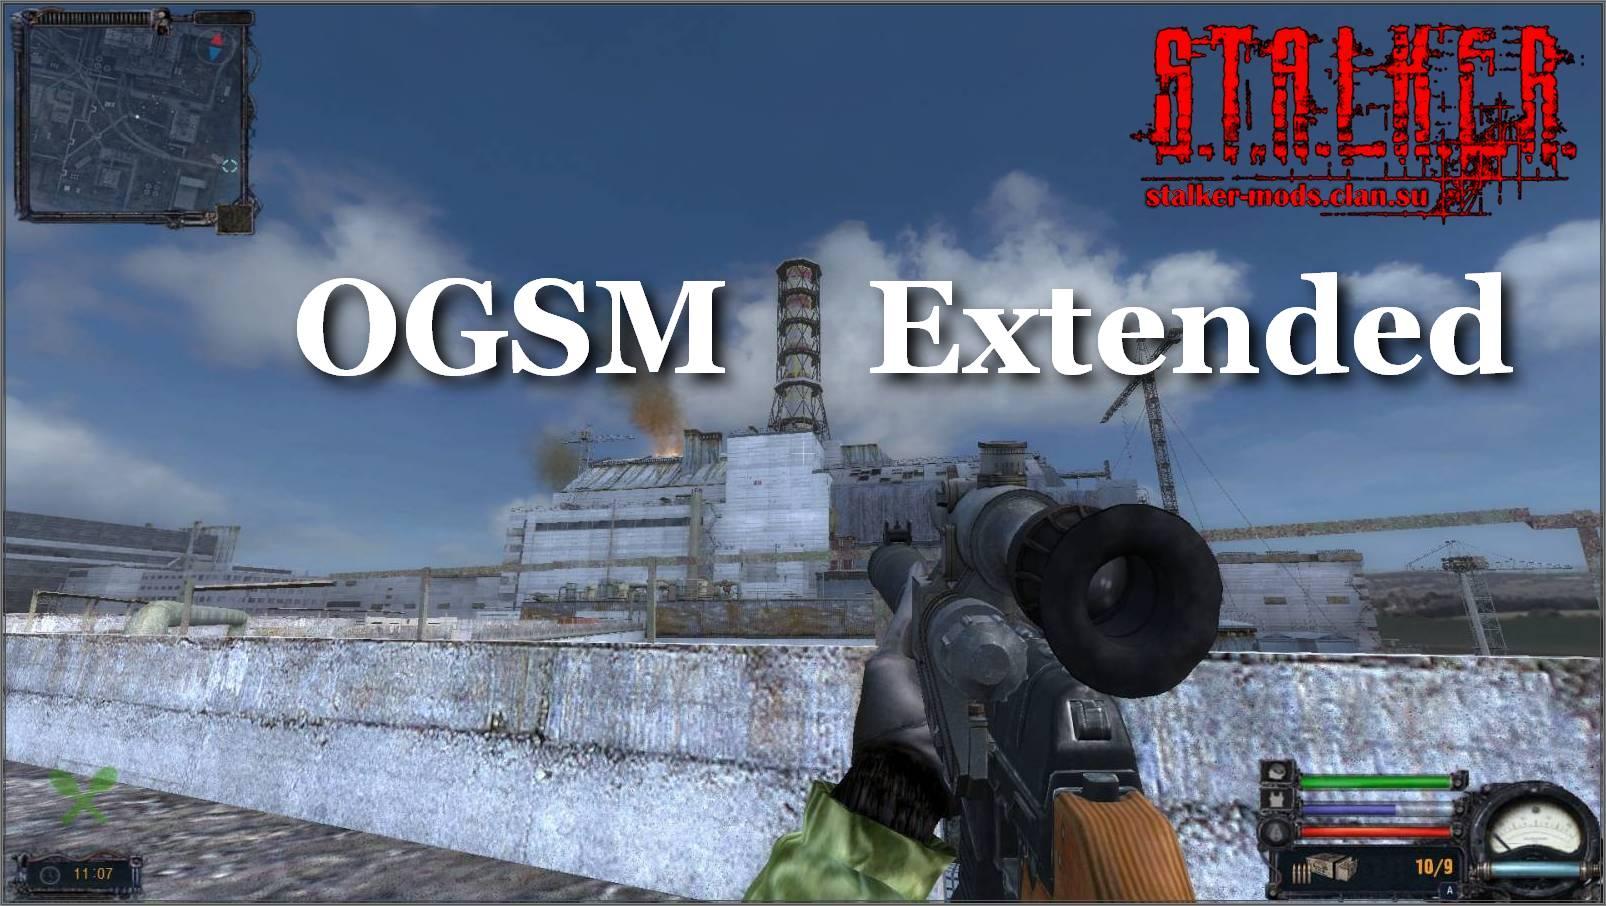 OGSM Extended